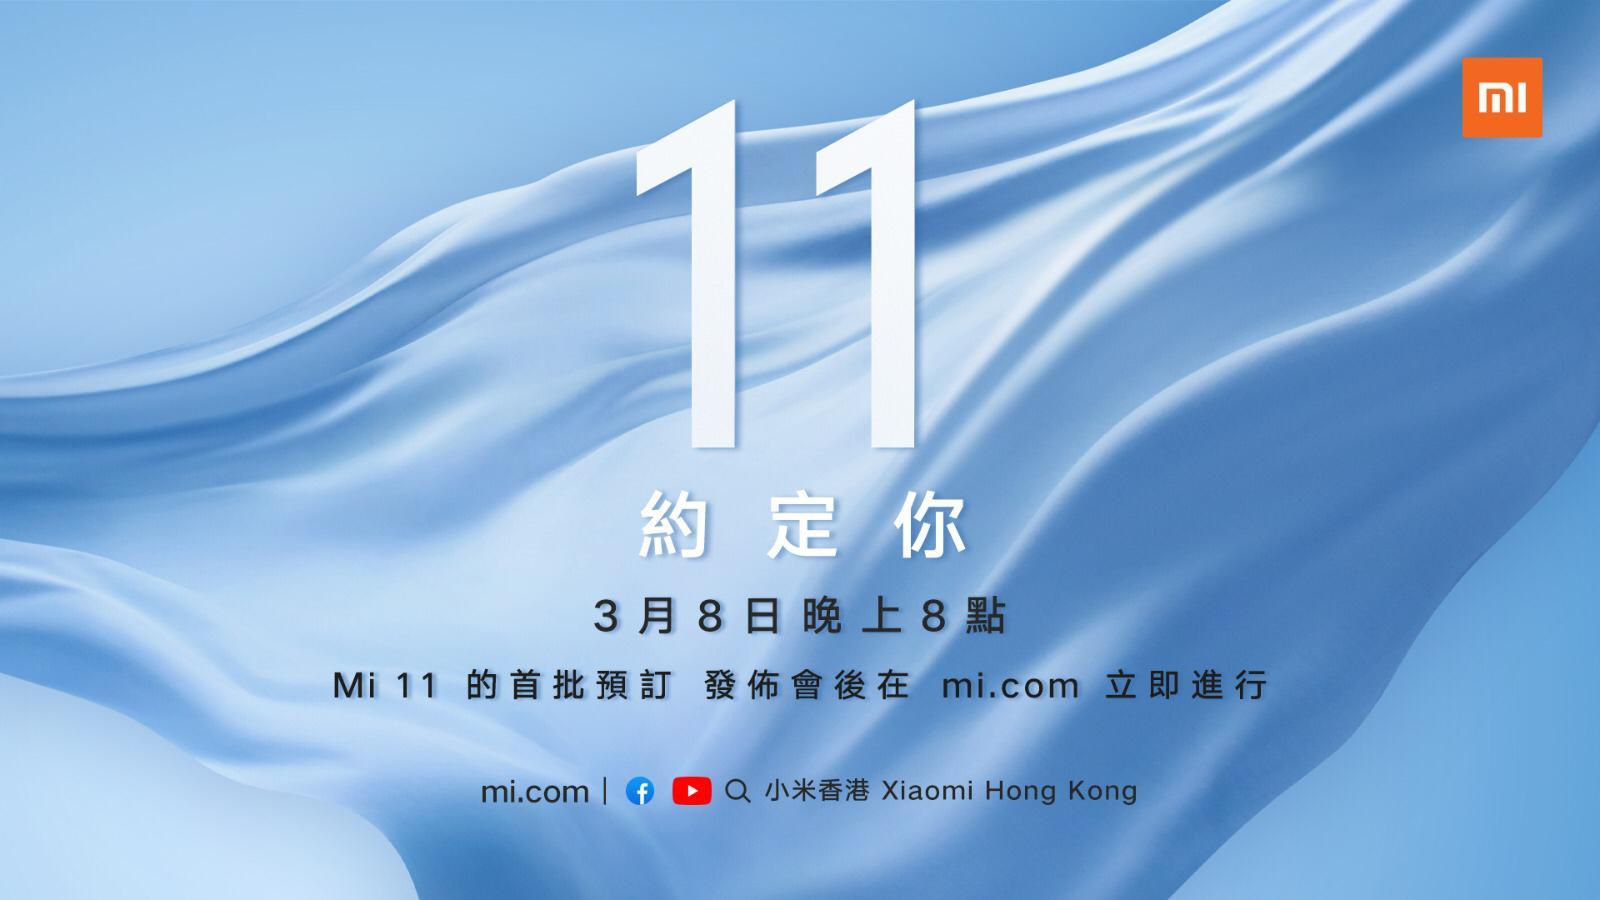 小米 5G 旗艦 Mi 11 於 3月8日抵港   網上率先訂有限定優惠